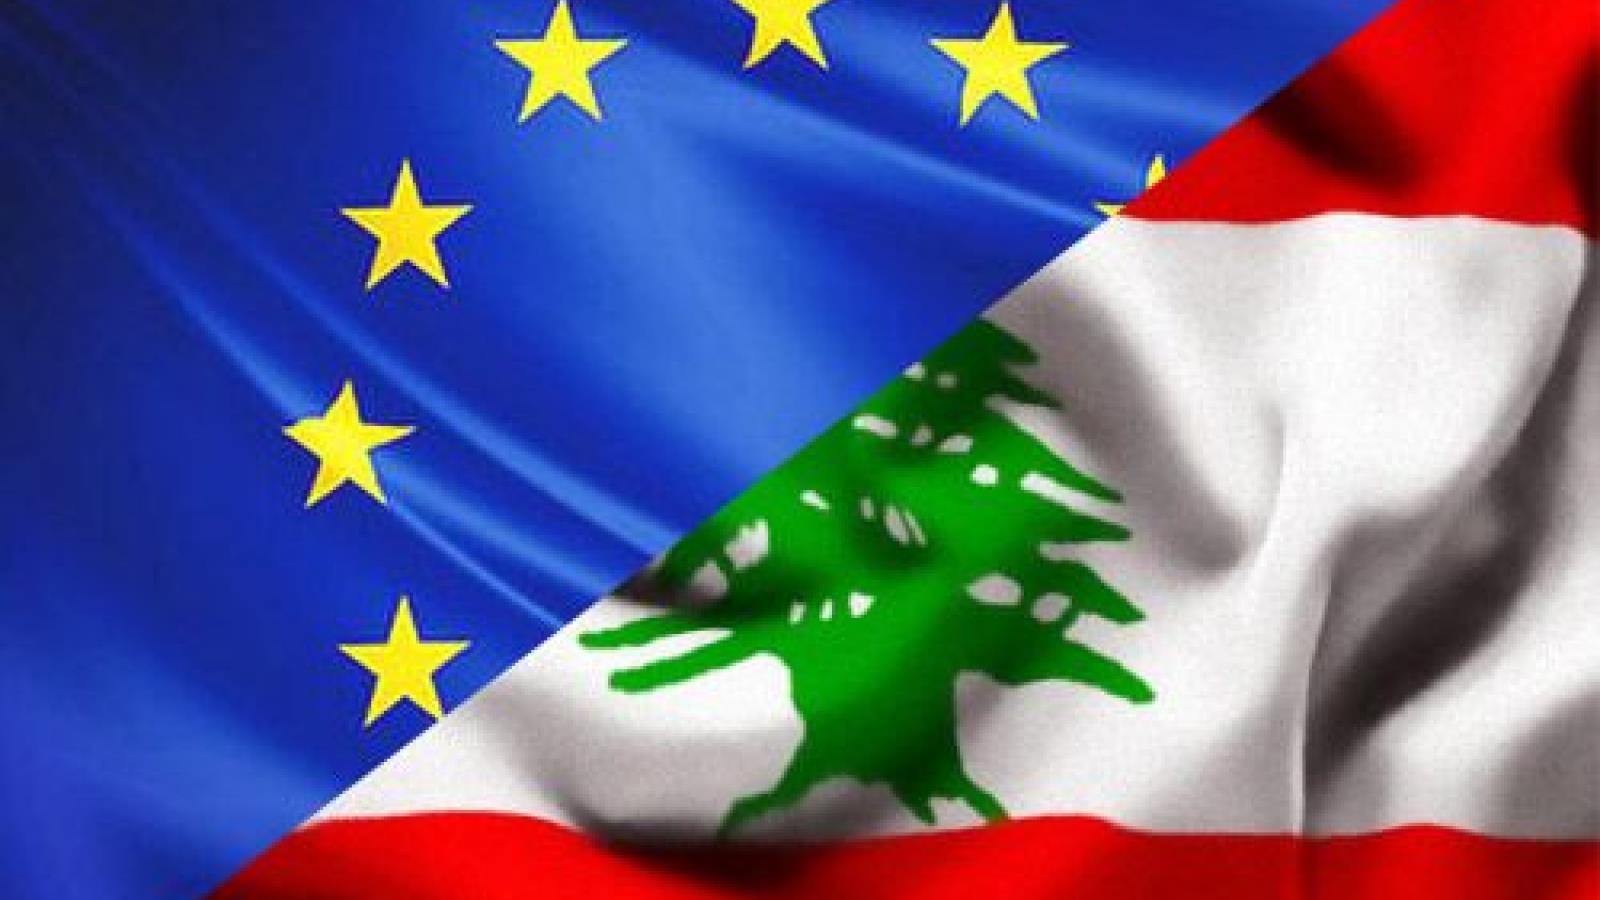 الاتحاد الأوروبي يحذر من انهيار لبنان في حال عدم الإسراع في تشكيل حكومة تخرج البلاد من الأزمة